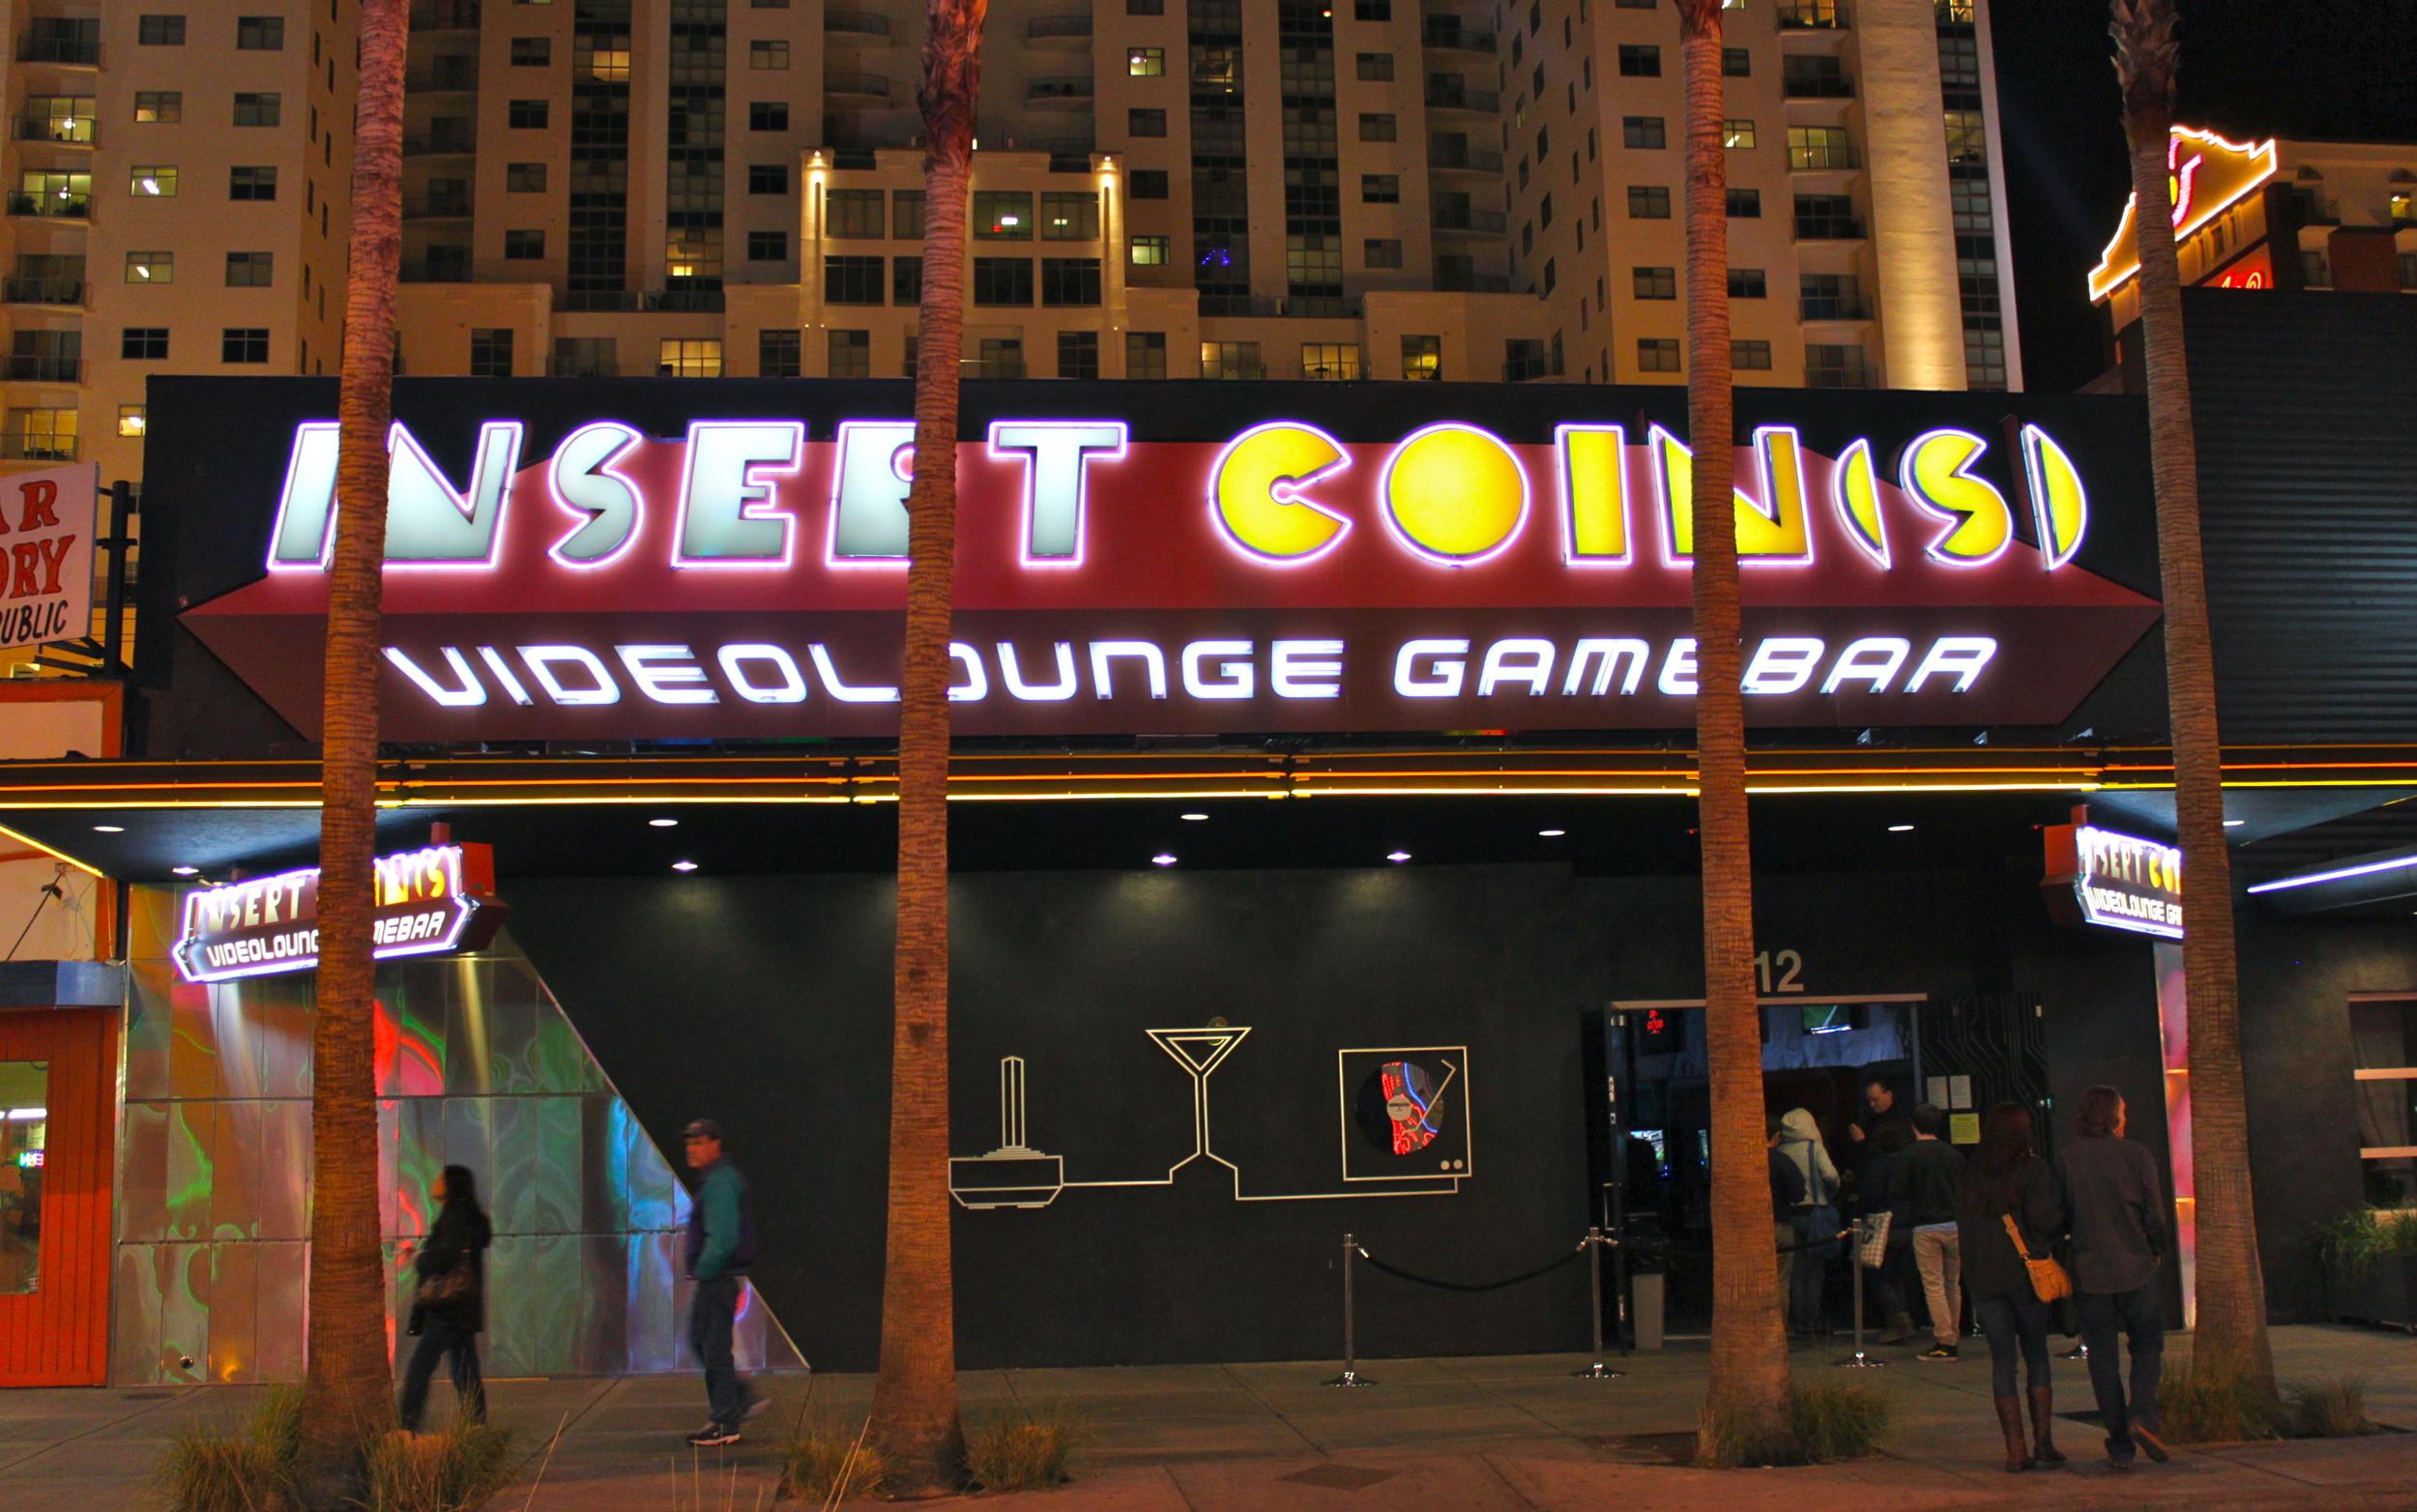 insert_coins_night.jpg